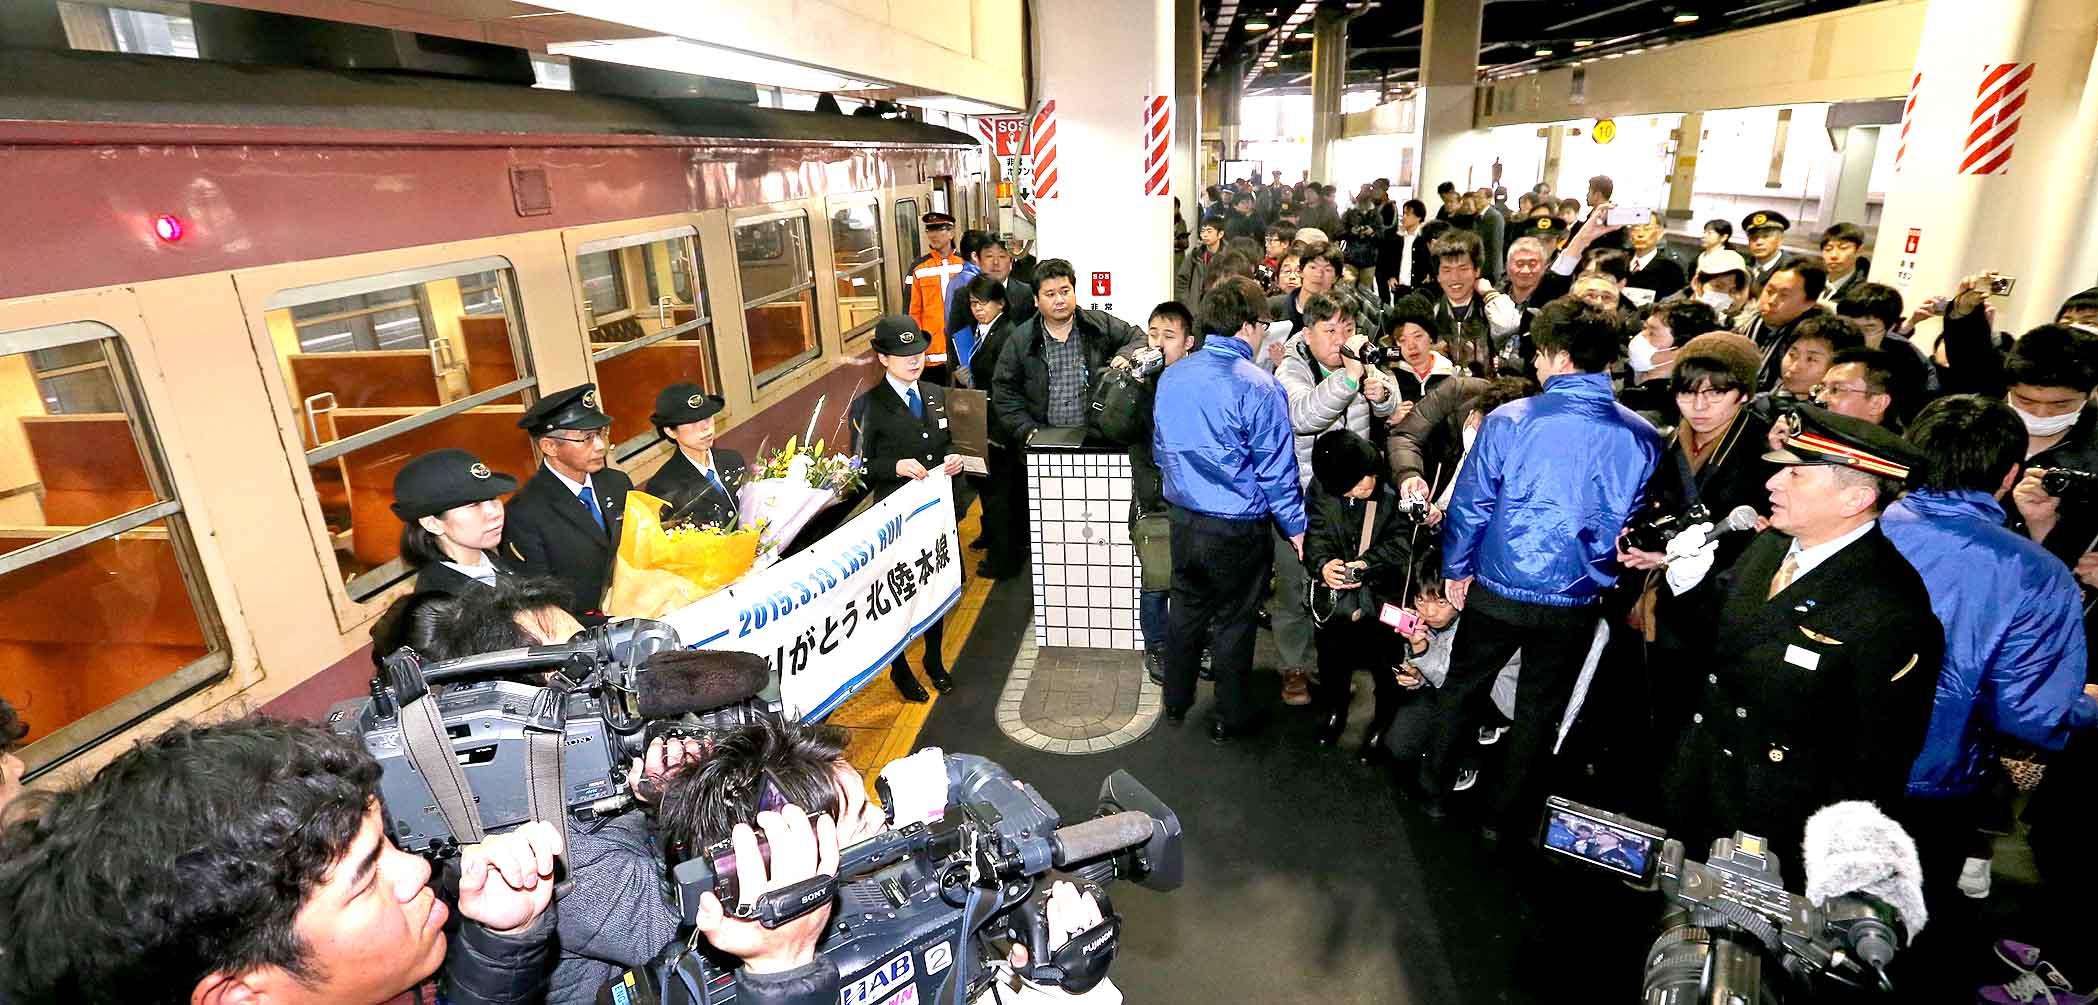 「栓抜き列車」のラストランを記念したセレモニー=13日午前9時20分、JR金沢駅